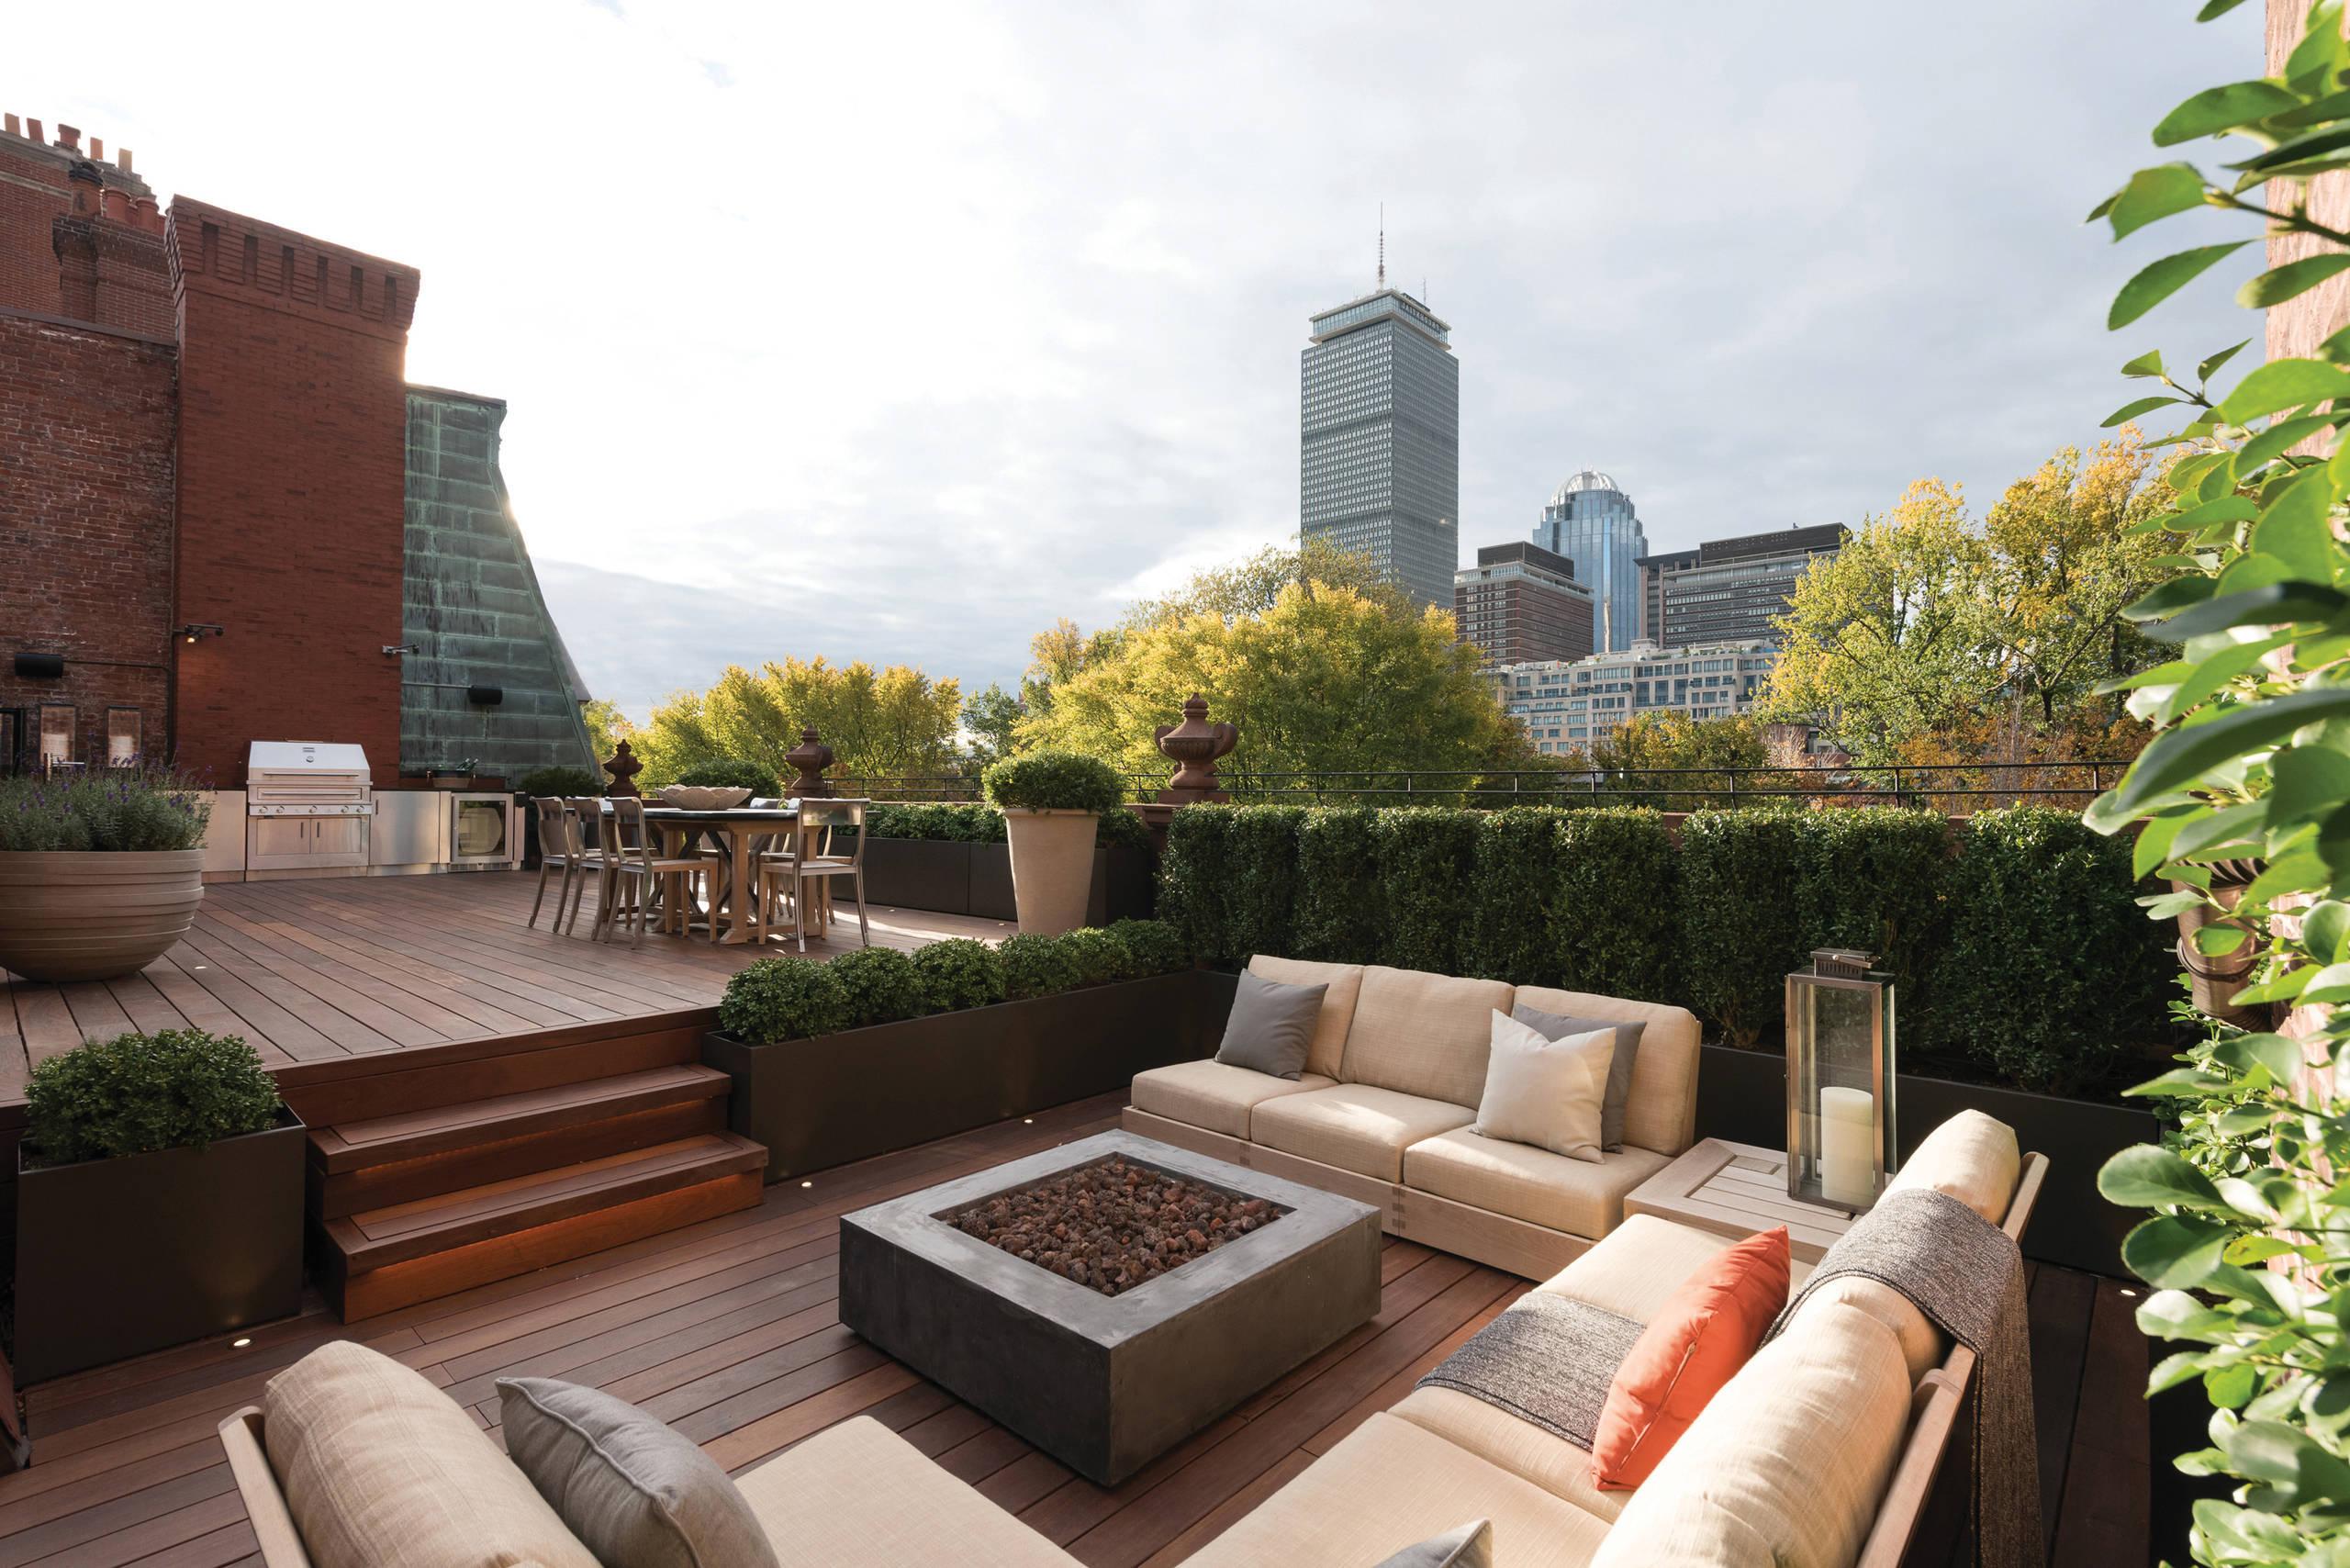 Tolle Tarrassengestaltung Ideen für Ihre Dachterrasse finden Sie hier